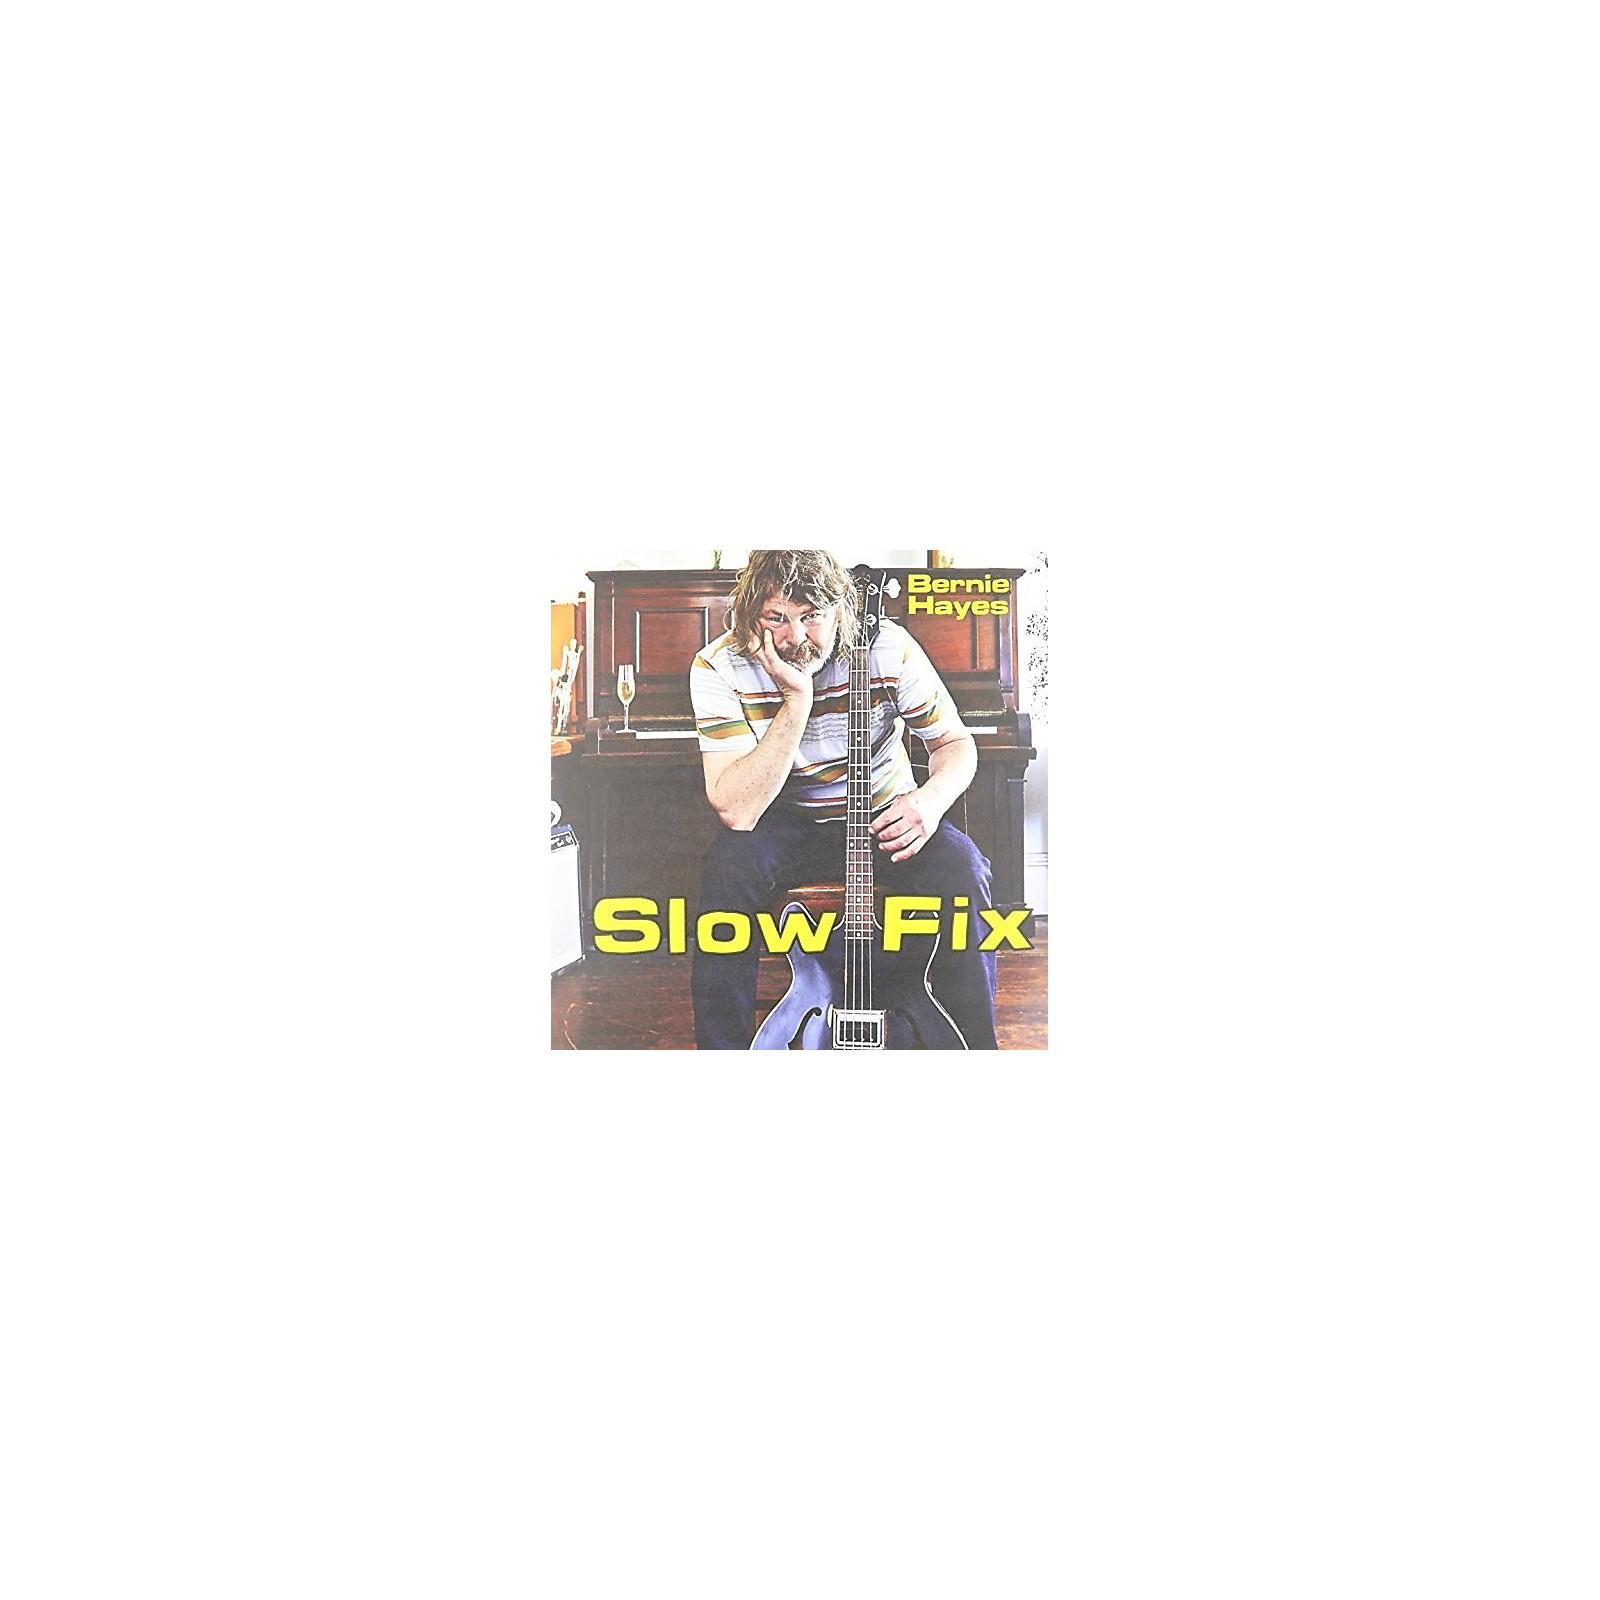 Alliance Bernie Hayes - Slow Fix